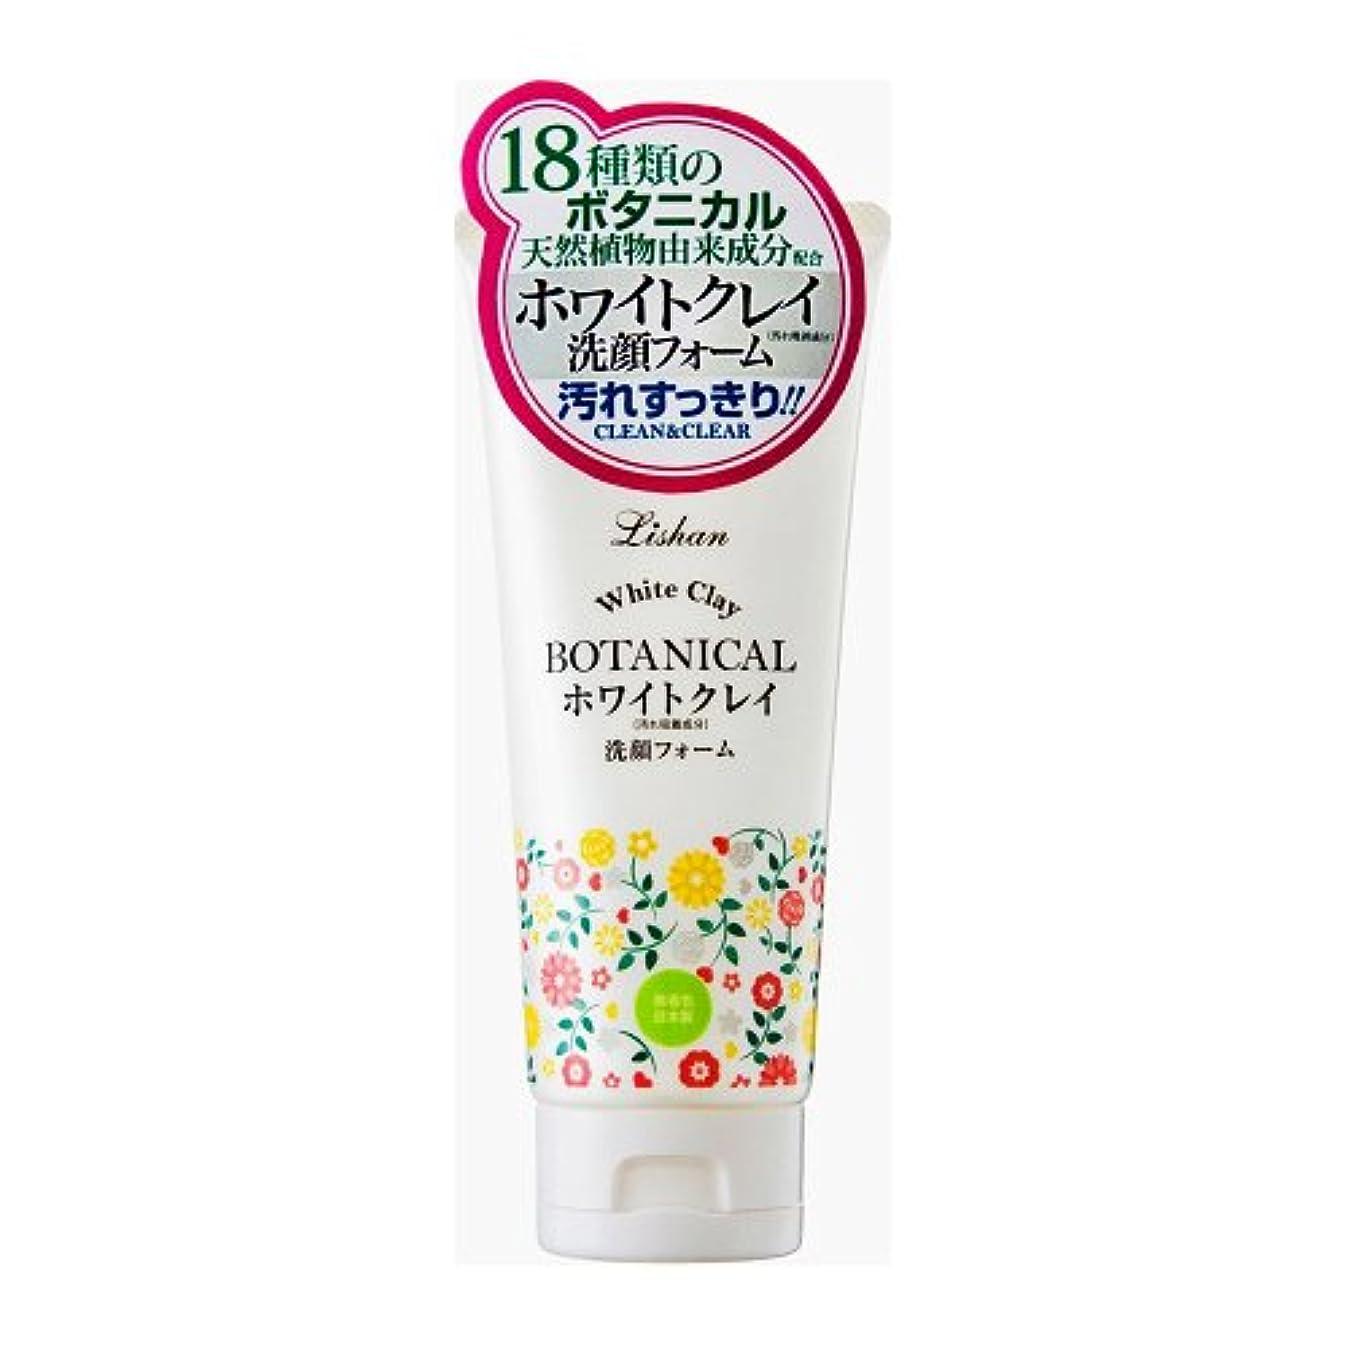 第二鷹管理するリシャン ホワイトクレイ洗顔フォーム (フレッシュハーブの香り) (130g)